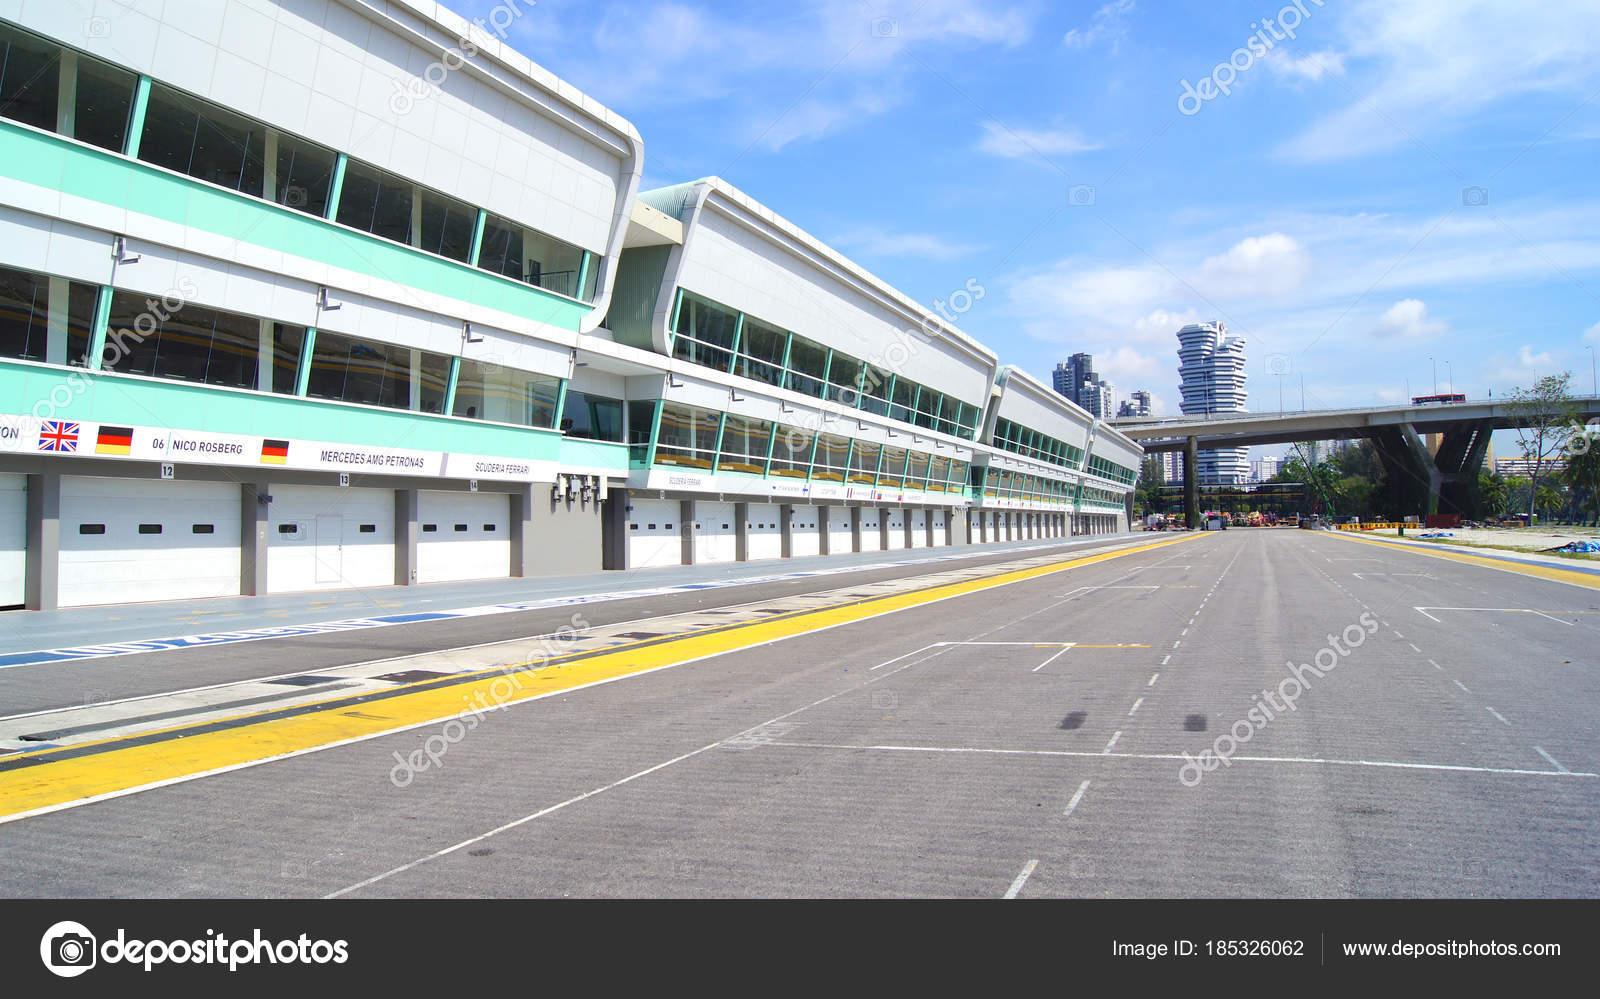 Circuito Callejero De Marina Bay : Singapur 02 de abril de 2015: pit lane y comienzo meta de la pista